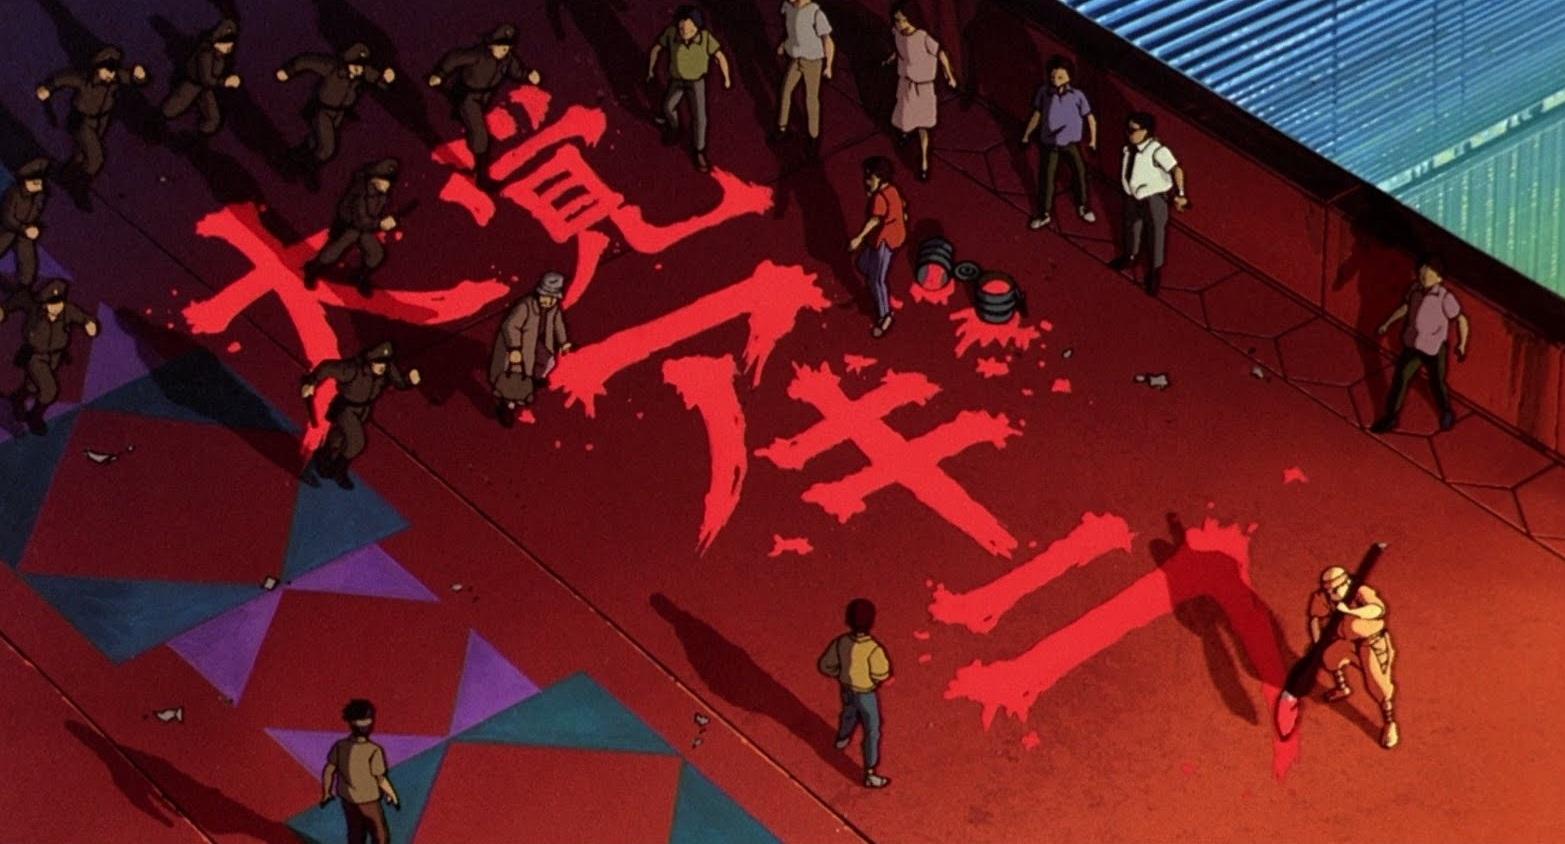 Biker Girl Wallpaper Dubsub Anime Reviews Akira Anime Movie Review